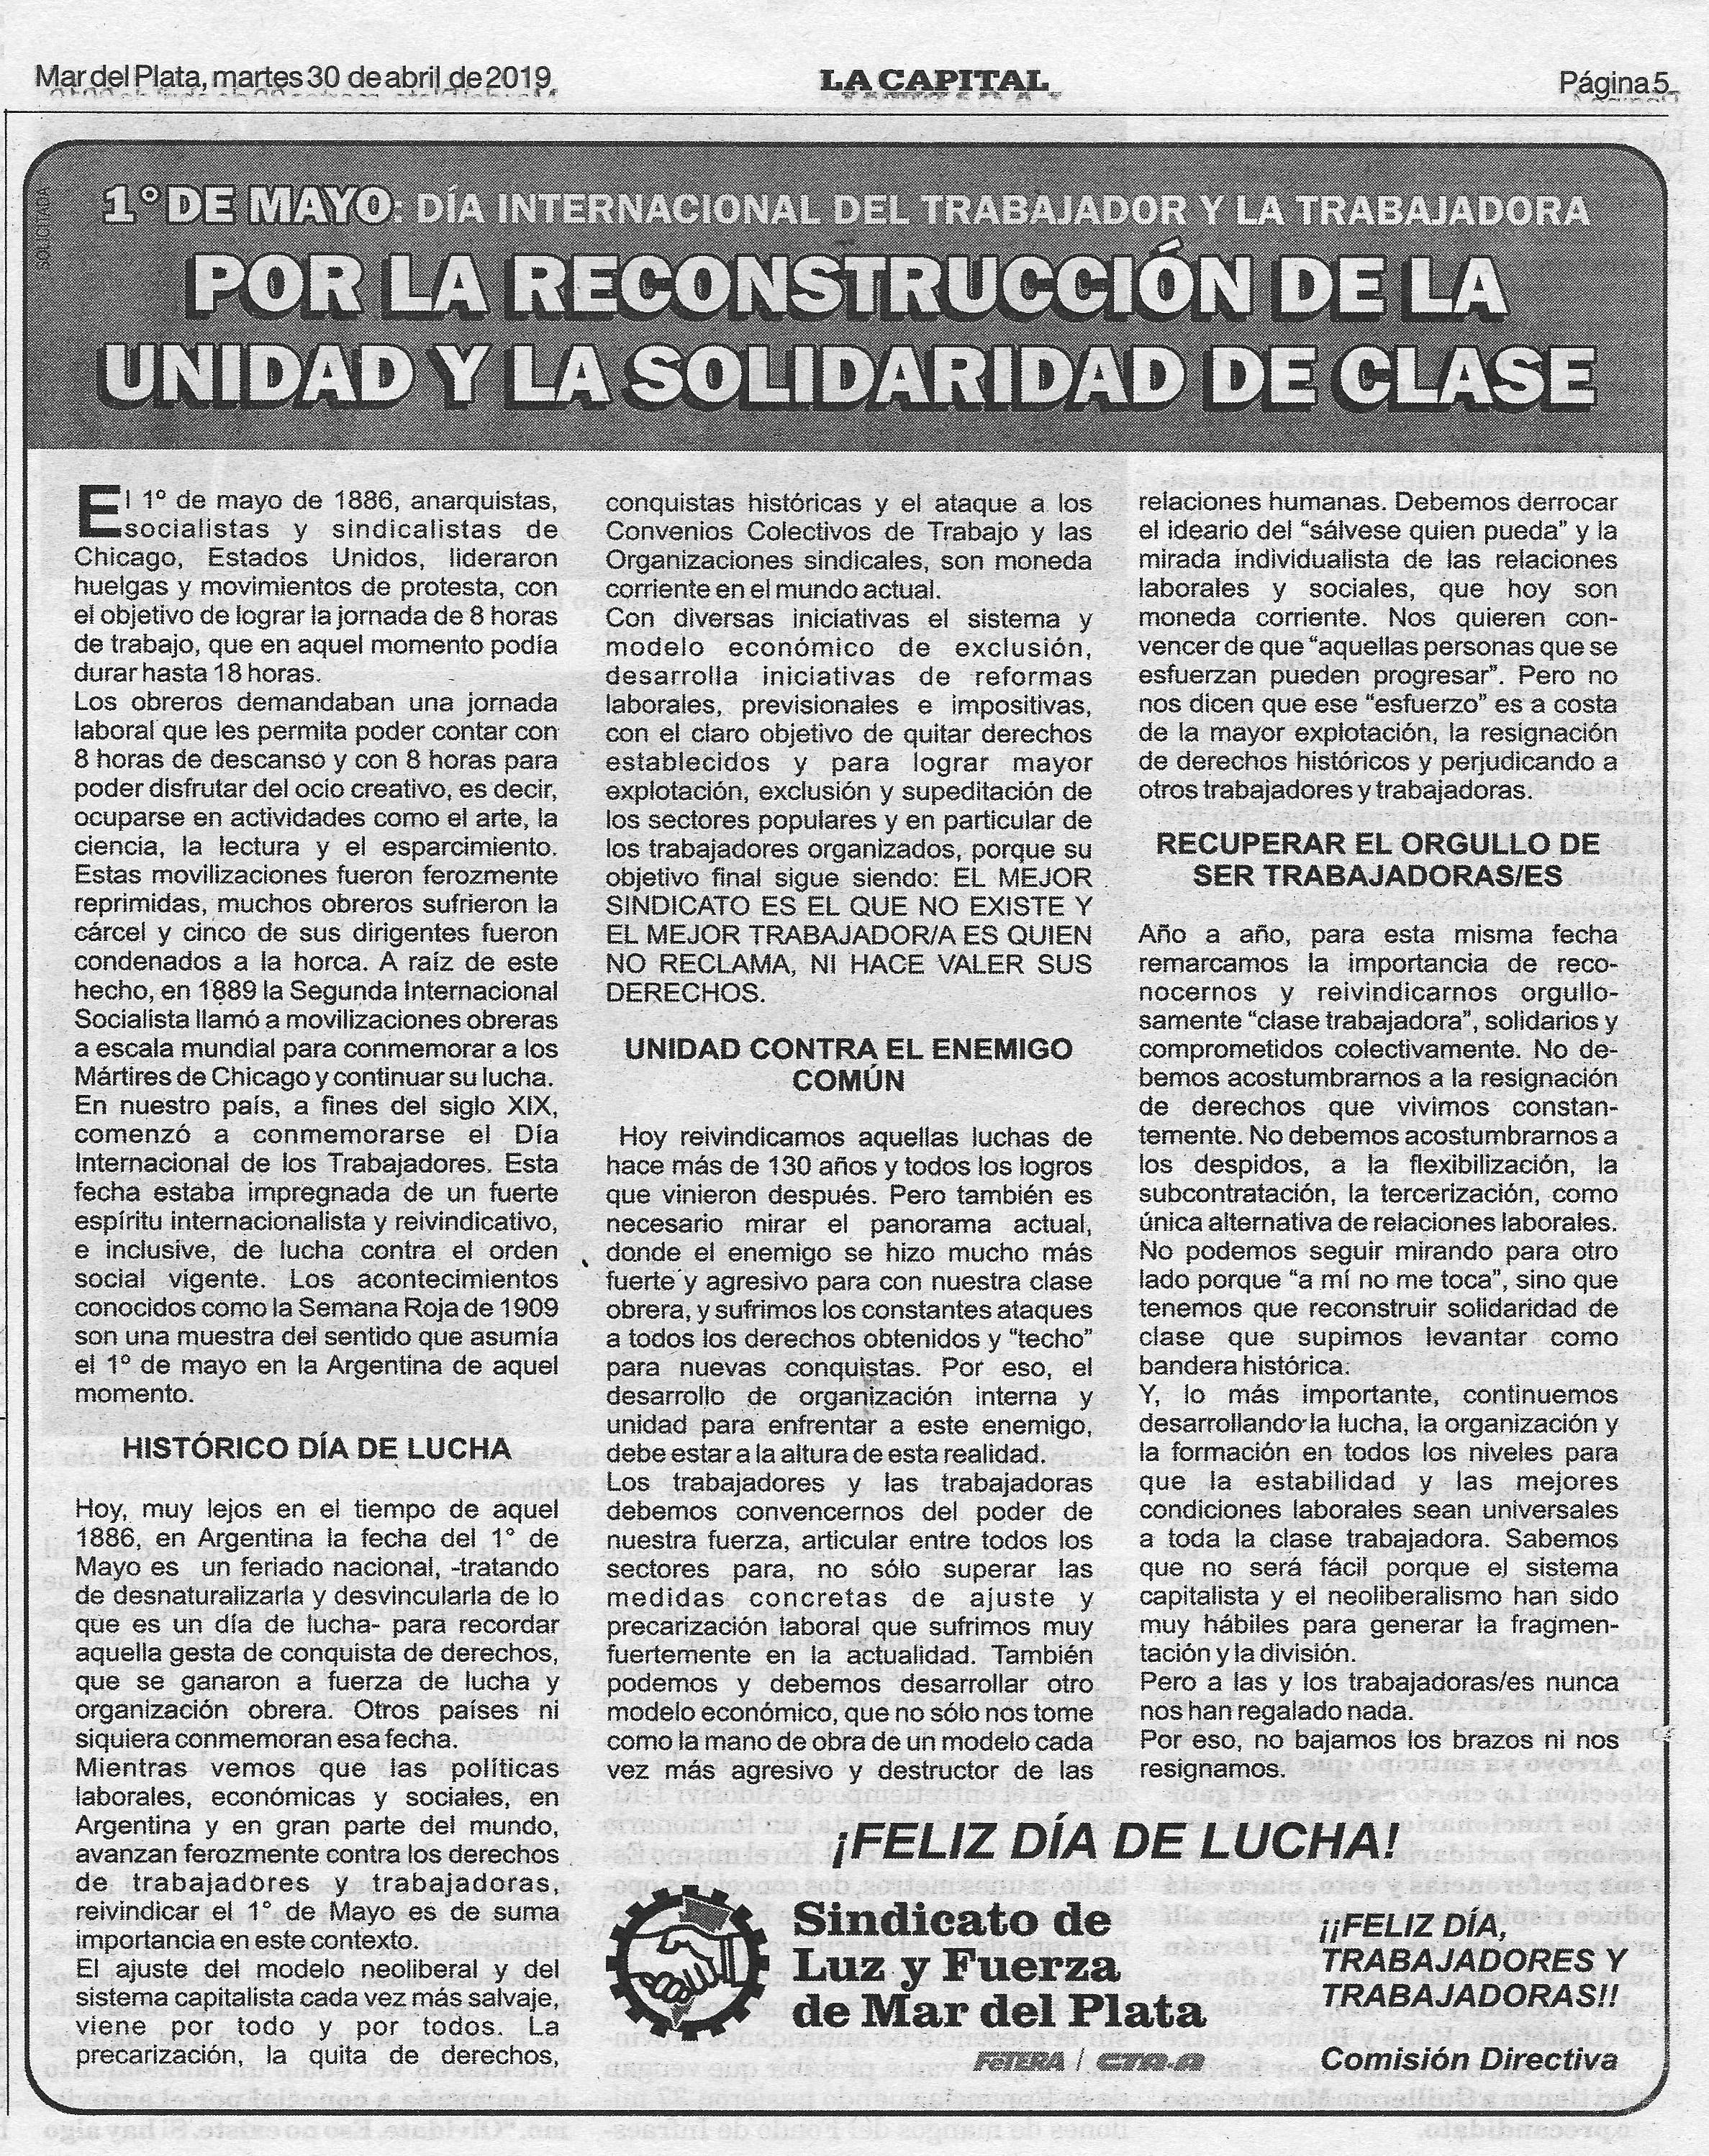 1° DE MAYO: DIA INTERNACIONAL DEL TRABAJADOR Y LA TRABAJADORA